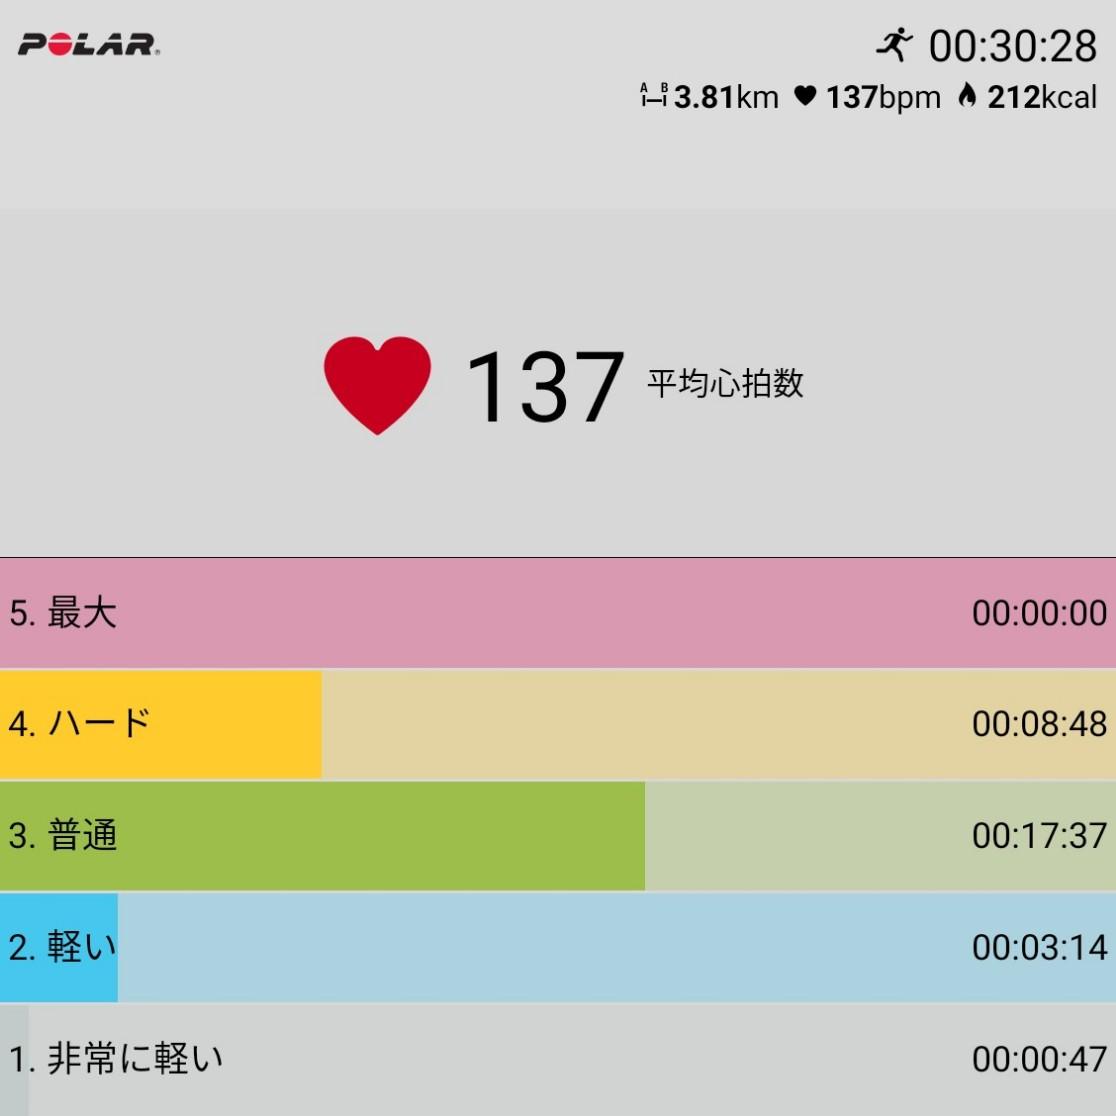 f:id:fuuta09neko:20190530122041j:plain